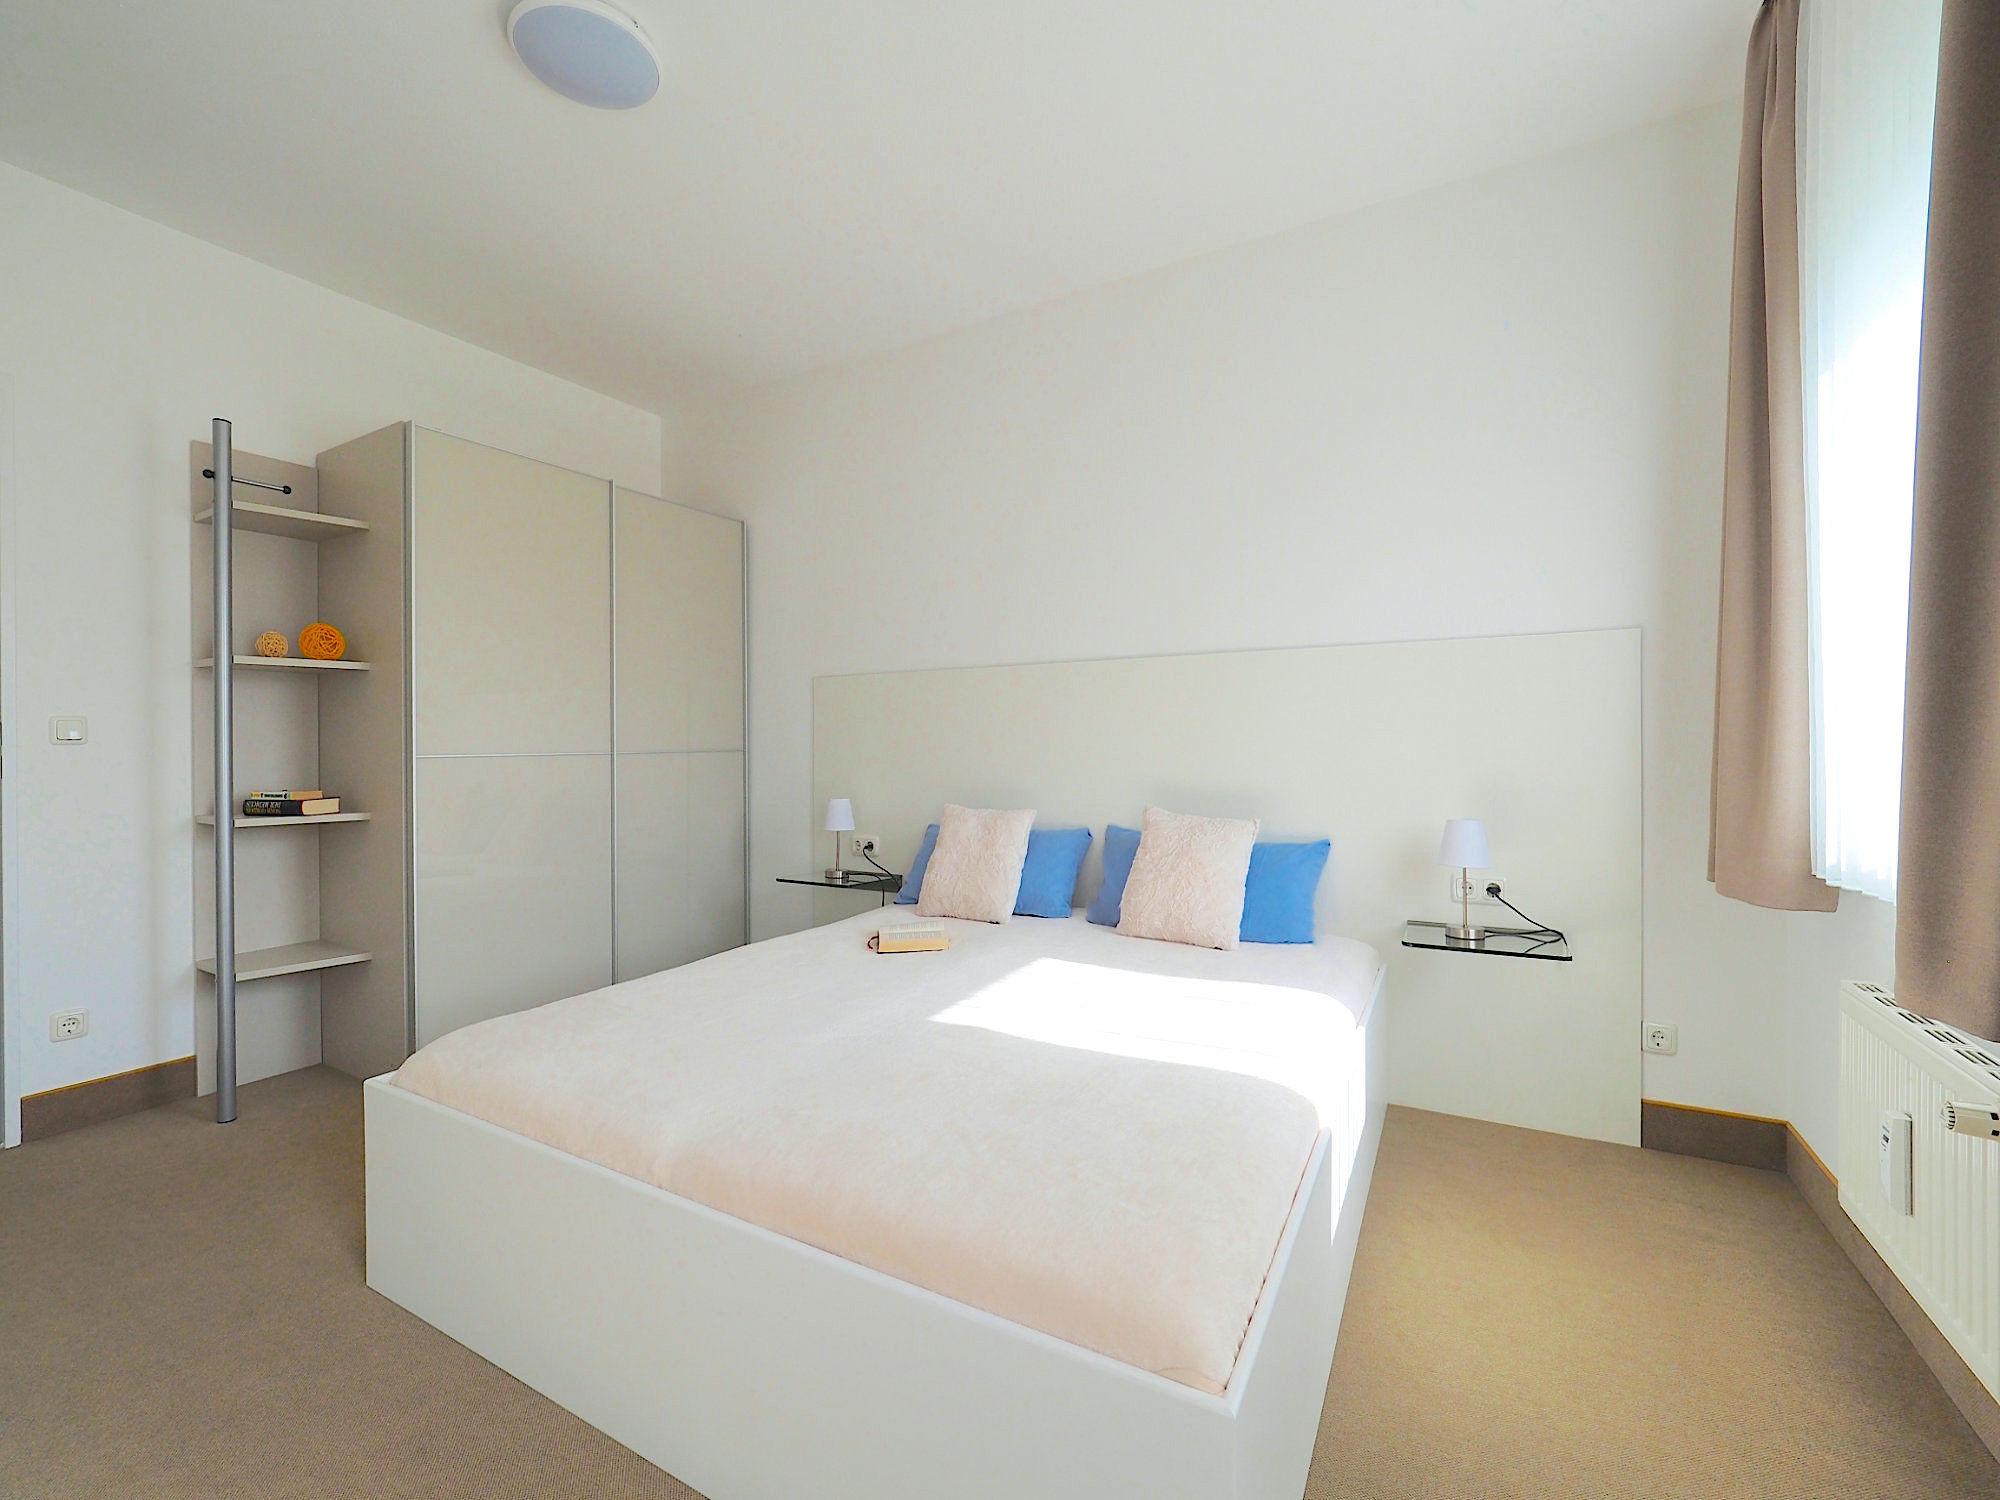 Schlafzimmer mit Doppelbett, links davon ein großer Kleiderschrank, rechts ein Fenster